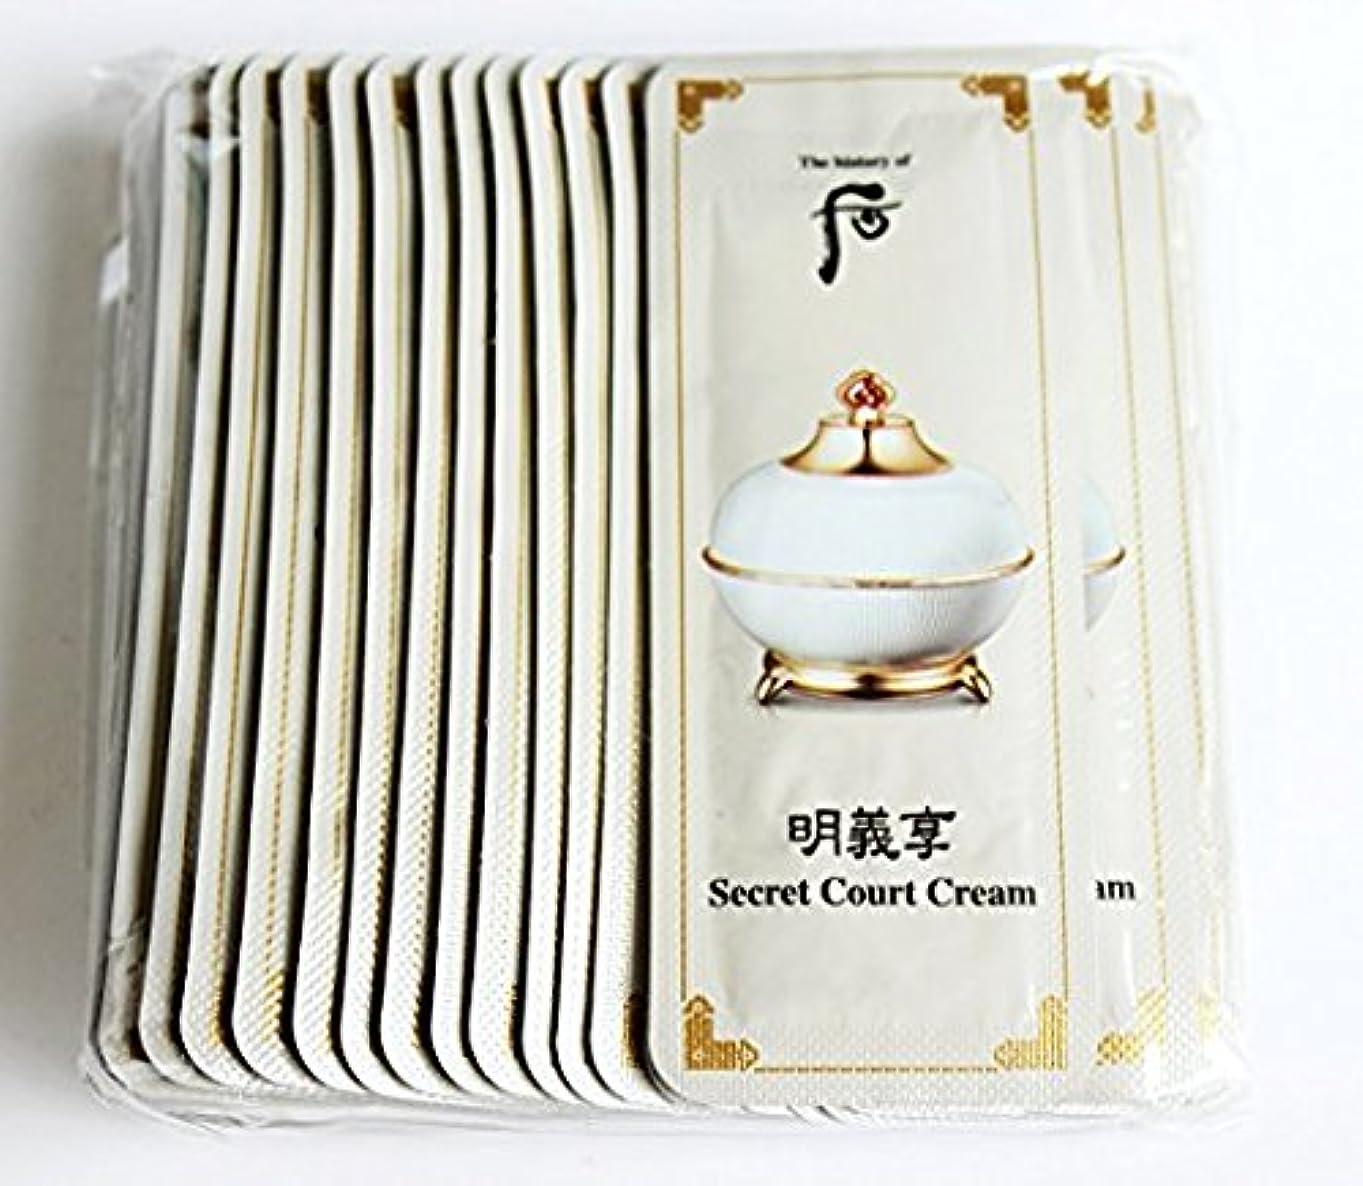 屈辱する複雑でない排泄するThe History of Whoo Myeonguihyanng Secret Court Cream [Sample 1ml × 30ea]/ザ ヒストリー オブ フー(后) 明義享 シークレット コート クリーム [サンプル 1ml × 30枚]